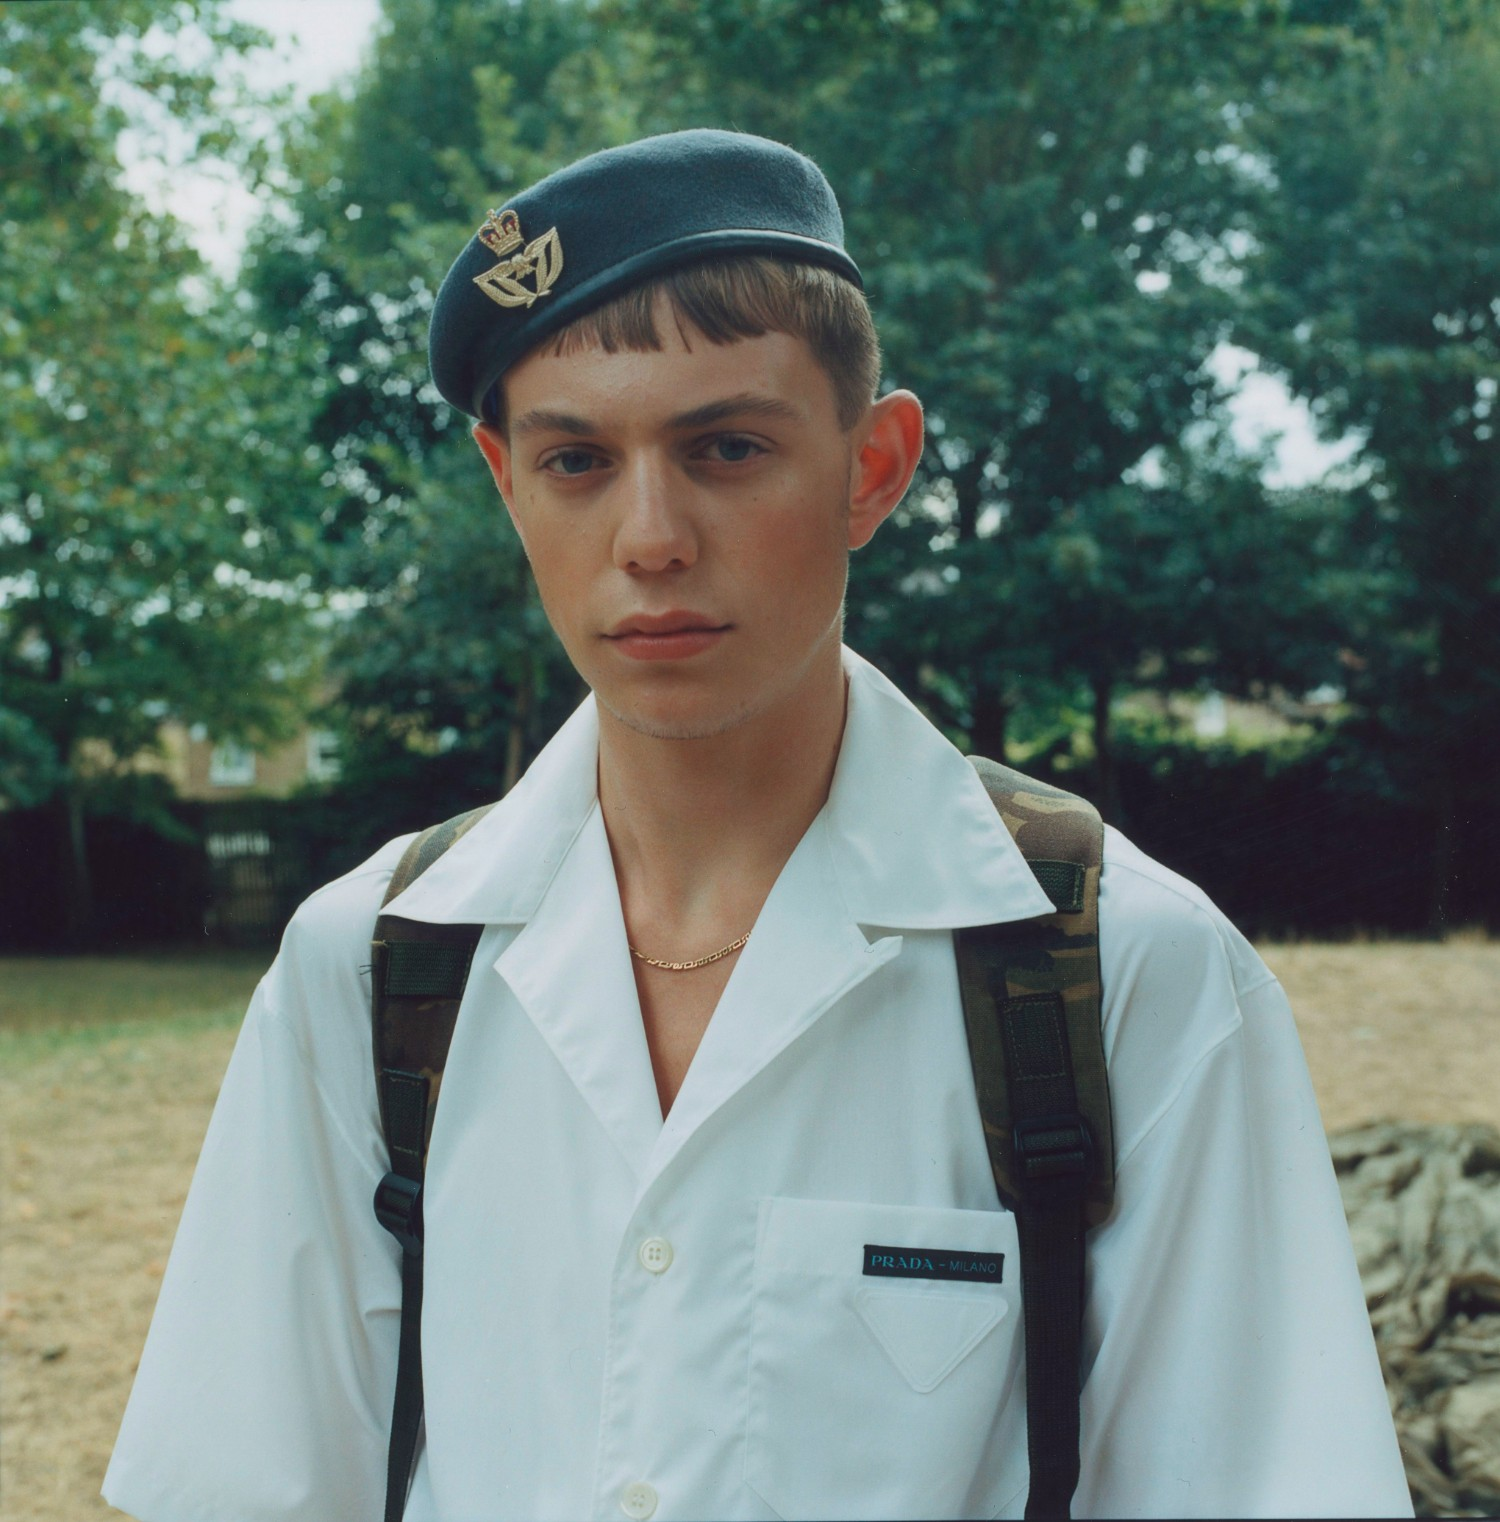 Ryan Croxton